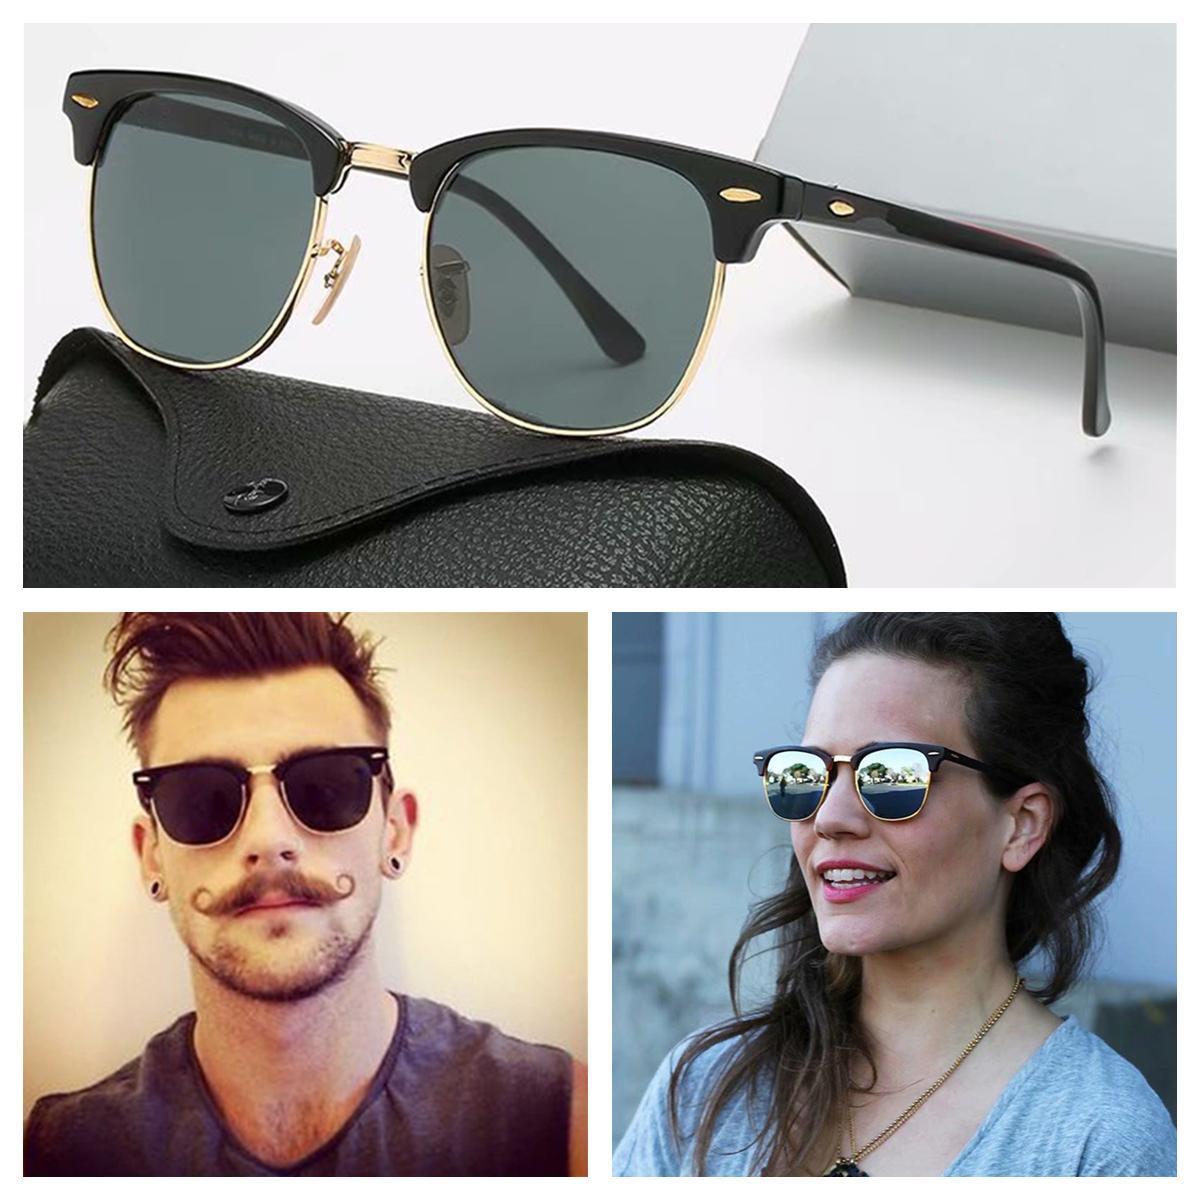 Lujo nueva marca de diseño polarizado Gafas de sol para hombres Mujeres Piloto Gafas de sol UV400 Gafas Gafas de gafas Marco de metal Lente Polaroid Gafas de sol con caja